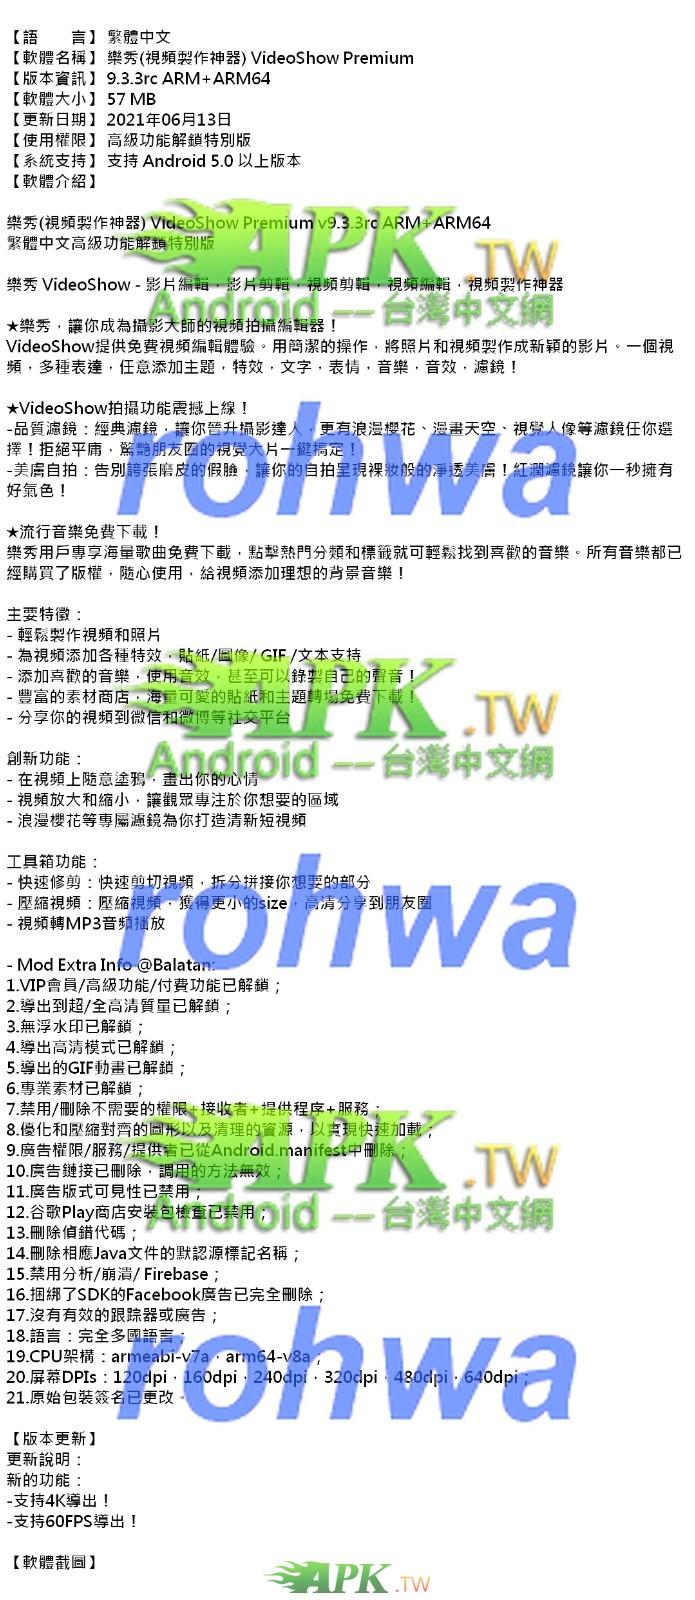 VideoShow_Premium_9.3.3rc_.jpg